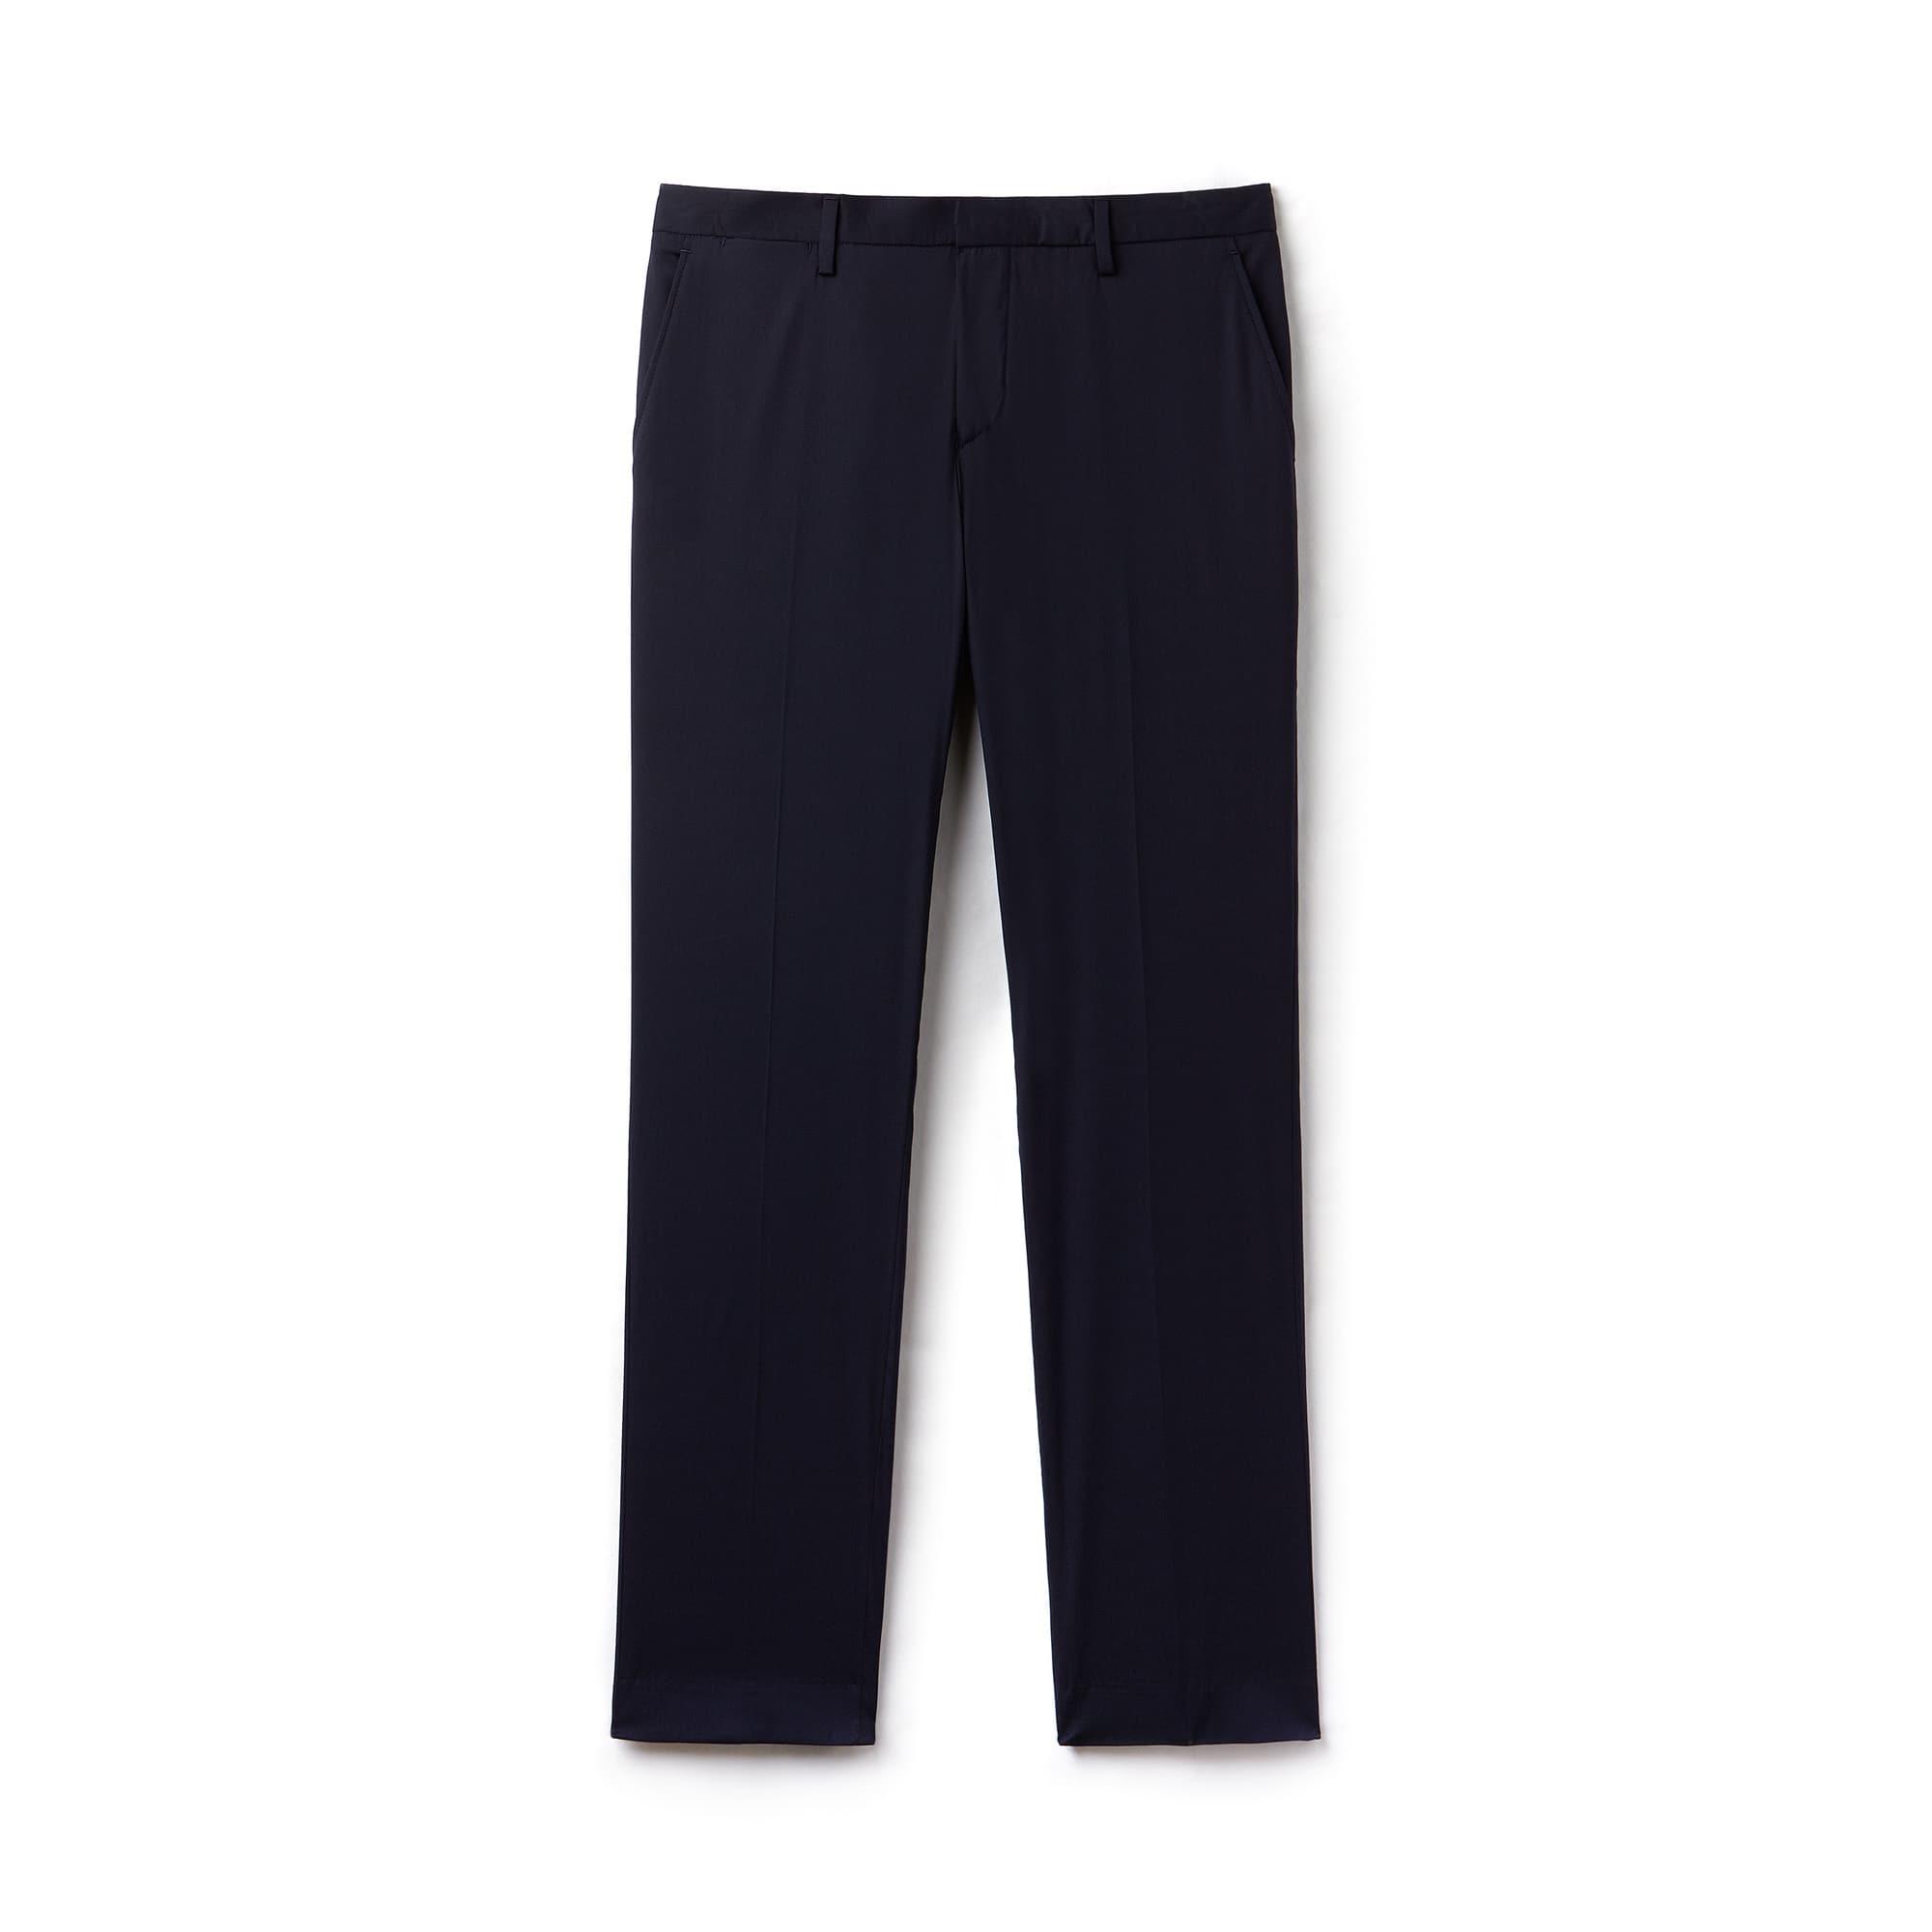 Pantalon chino à pinces regular fit Lacoste MOTION en popeline stretch unie